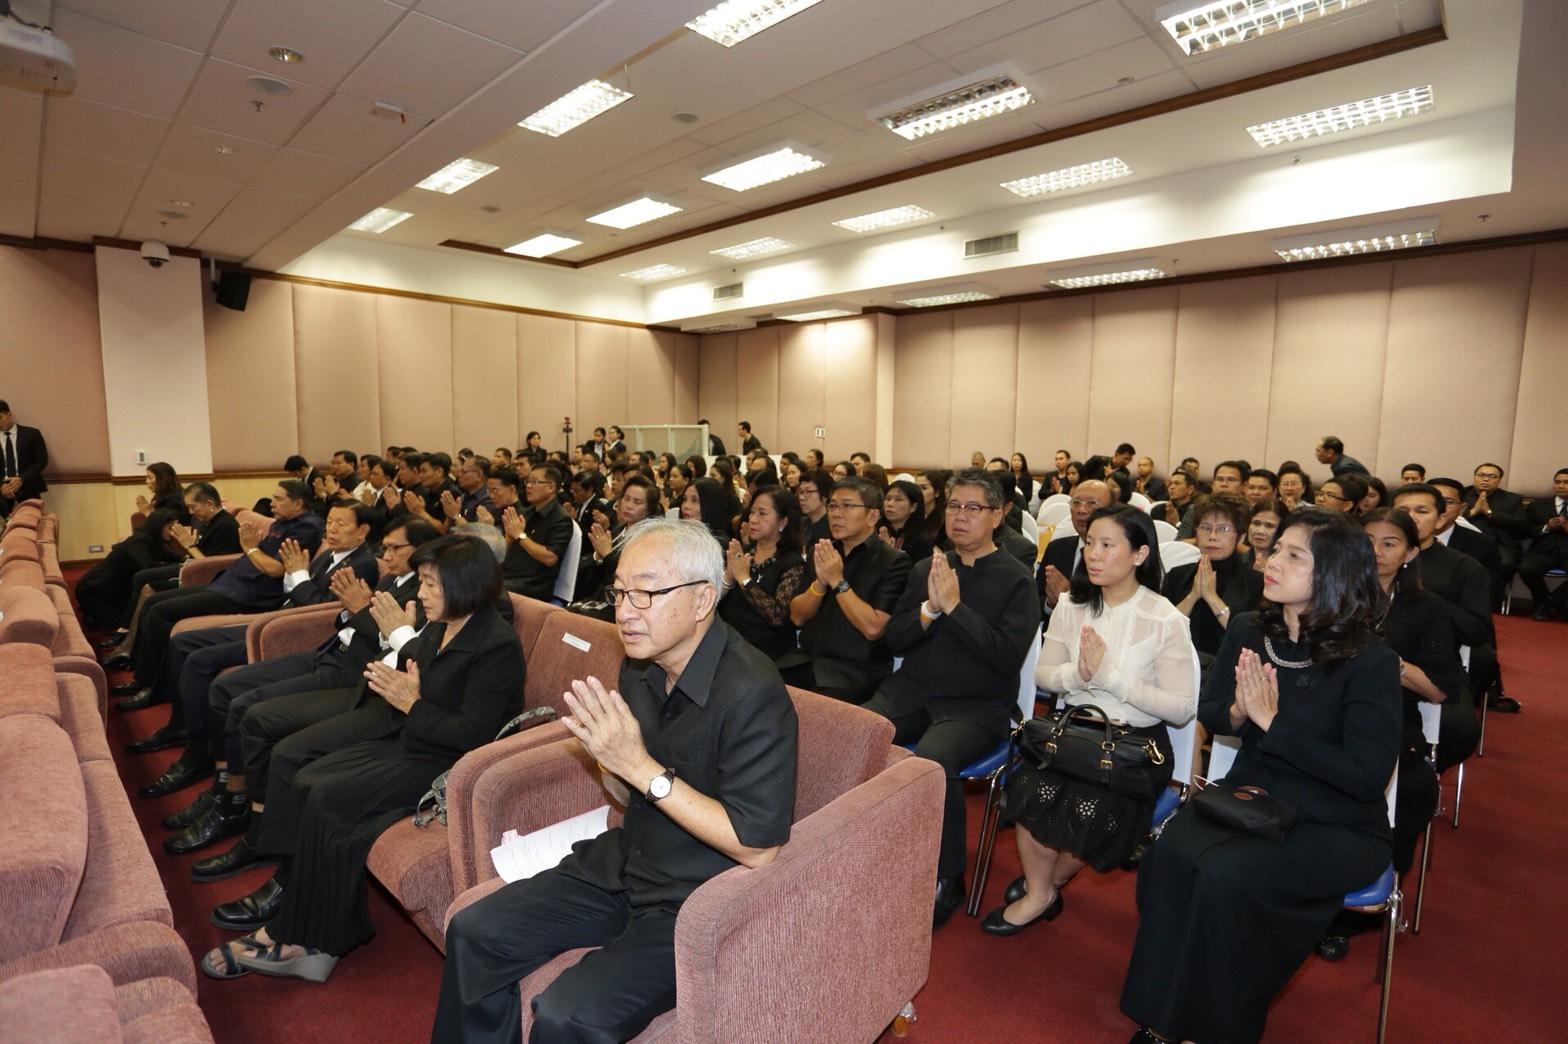 บรรยากาศผู้เข้าร่วมทำพิธีทางศาสนาในวันครบรอบ 55 ปี กรมการพัฒนาชุมชน